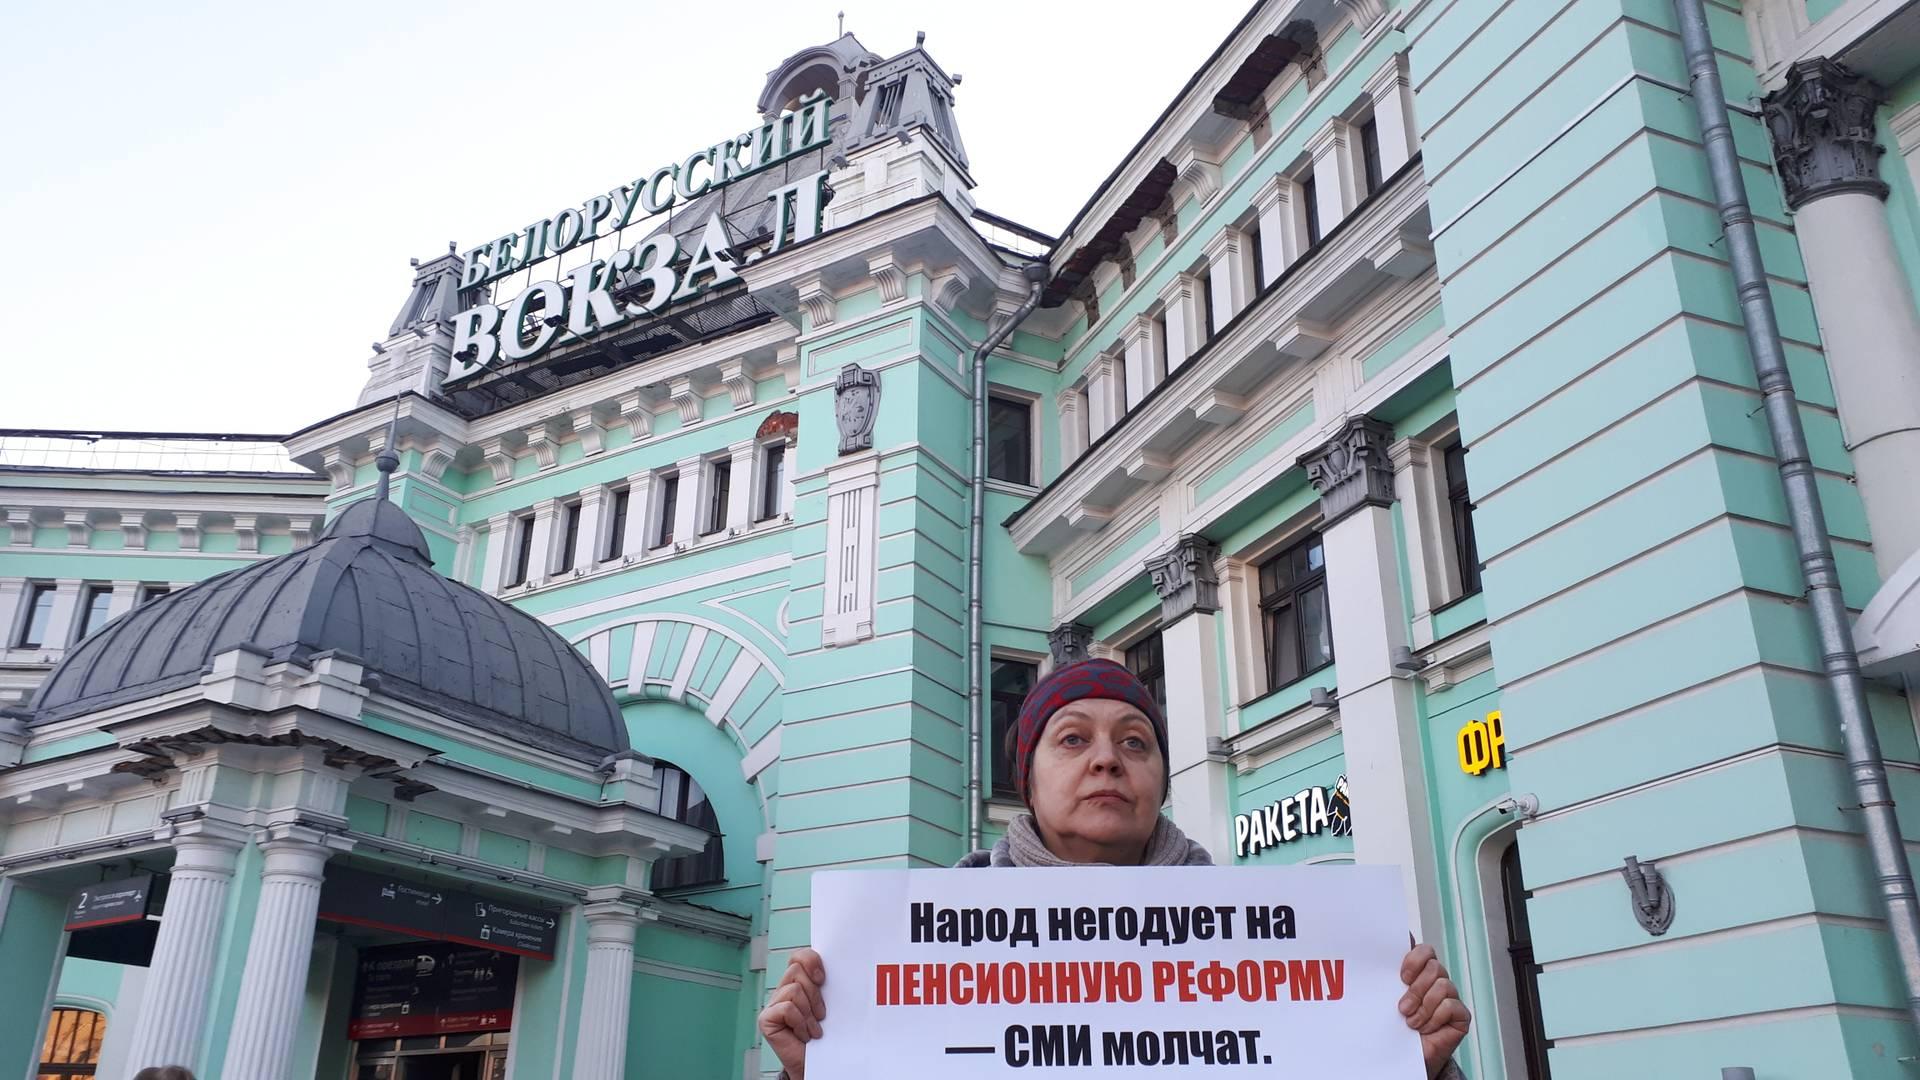 Пикет возле Белорусского вокзала, Москва